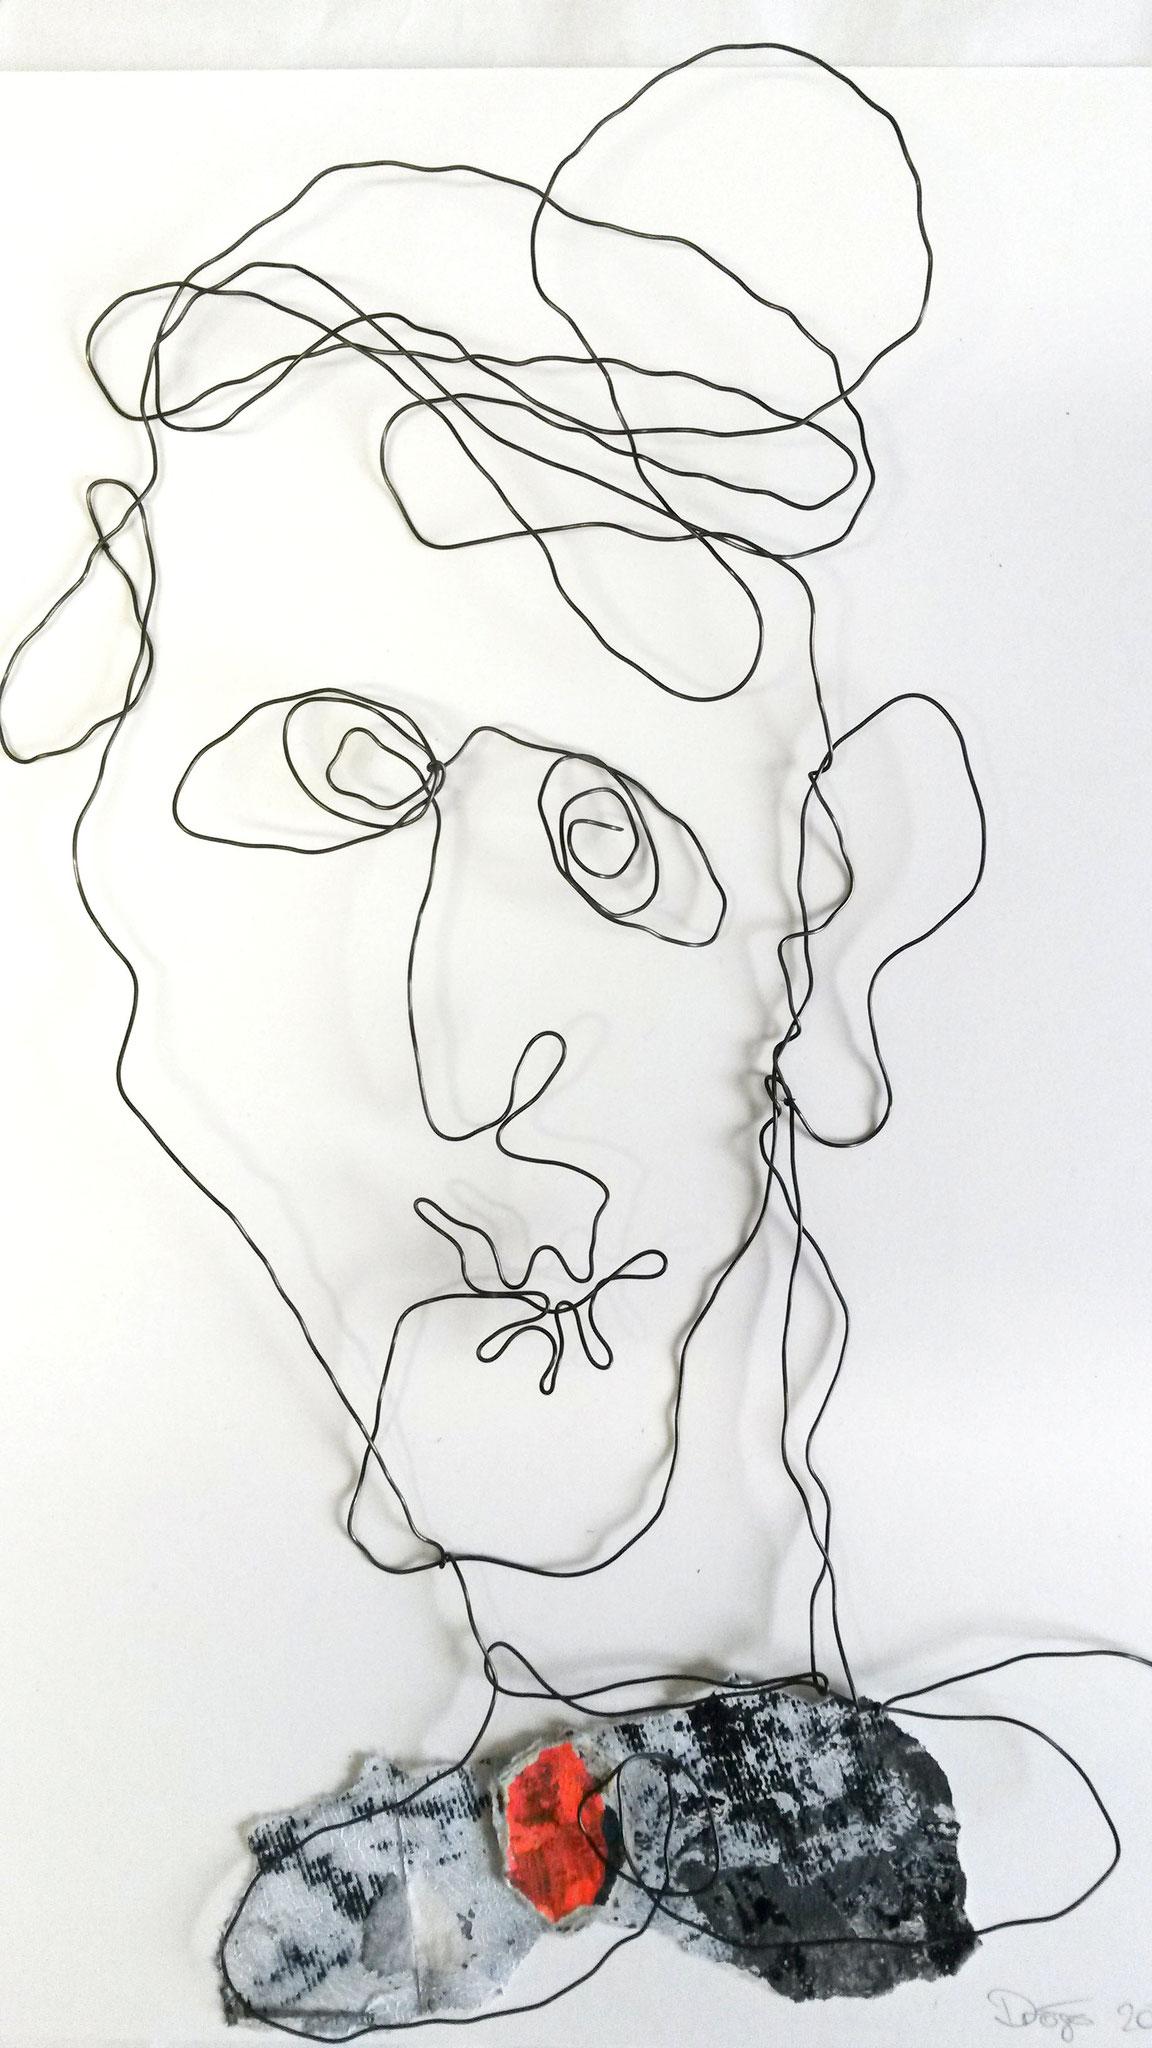 Charakterköpfe, Draht /Papier Collagen, ca. 21 x 21 cm